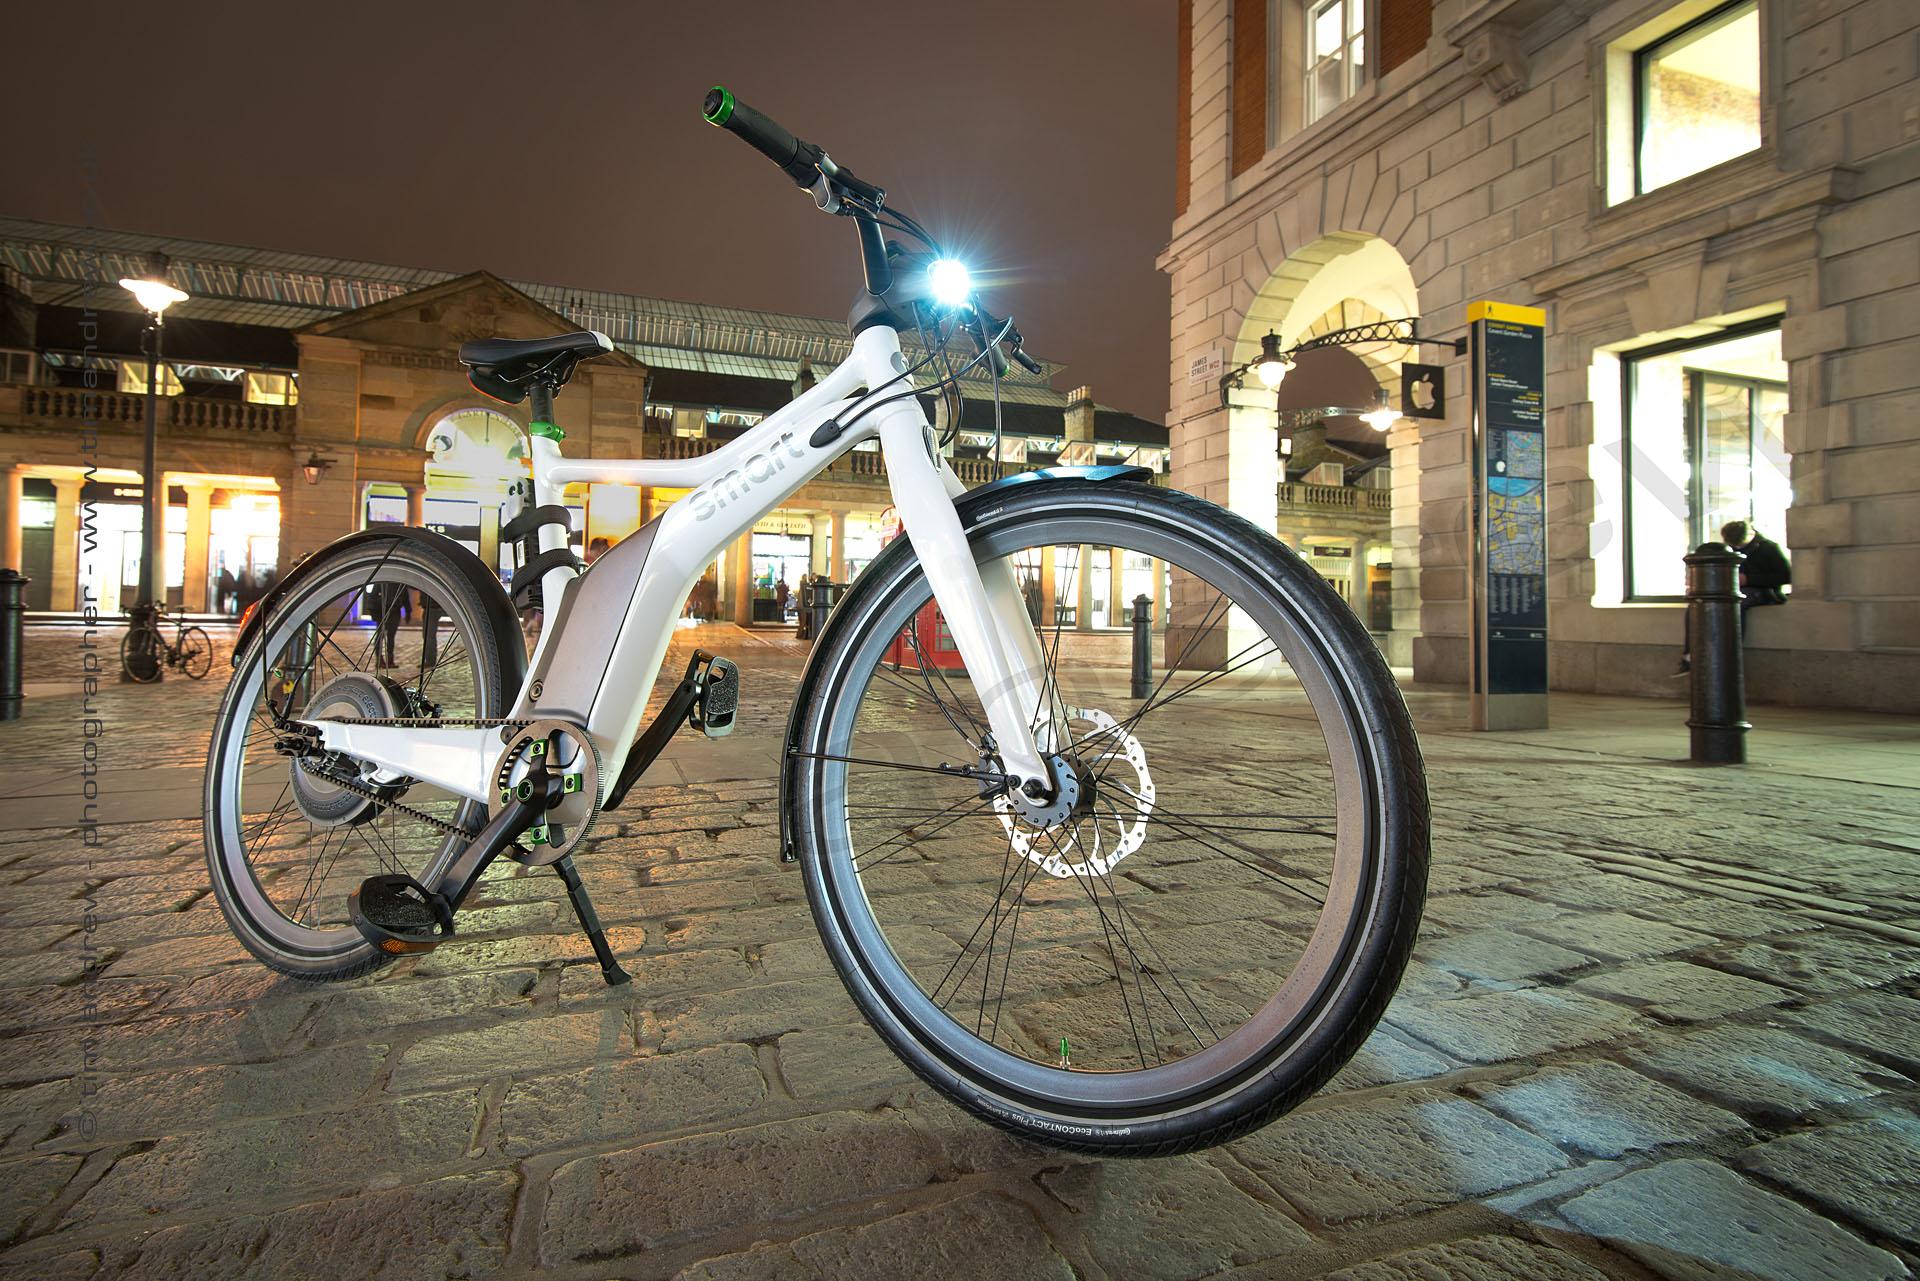 Smart E-bike in Covent Garden